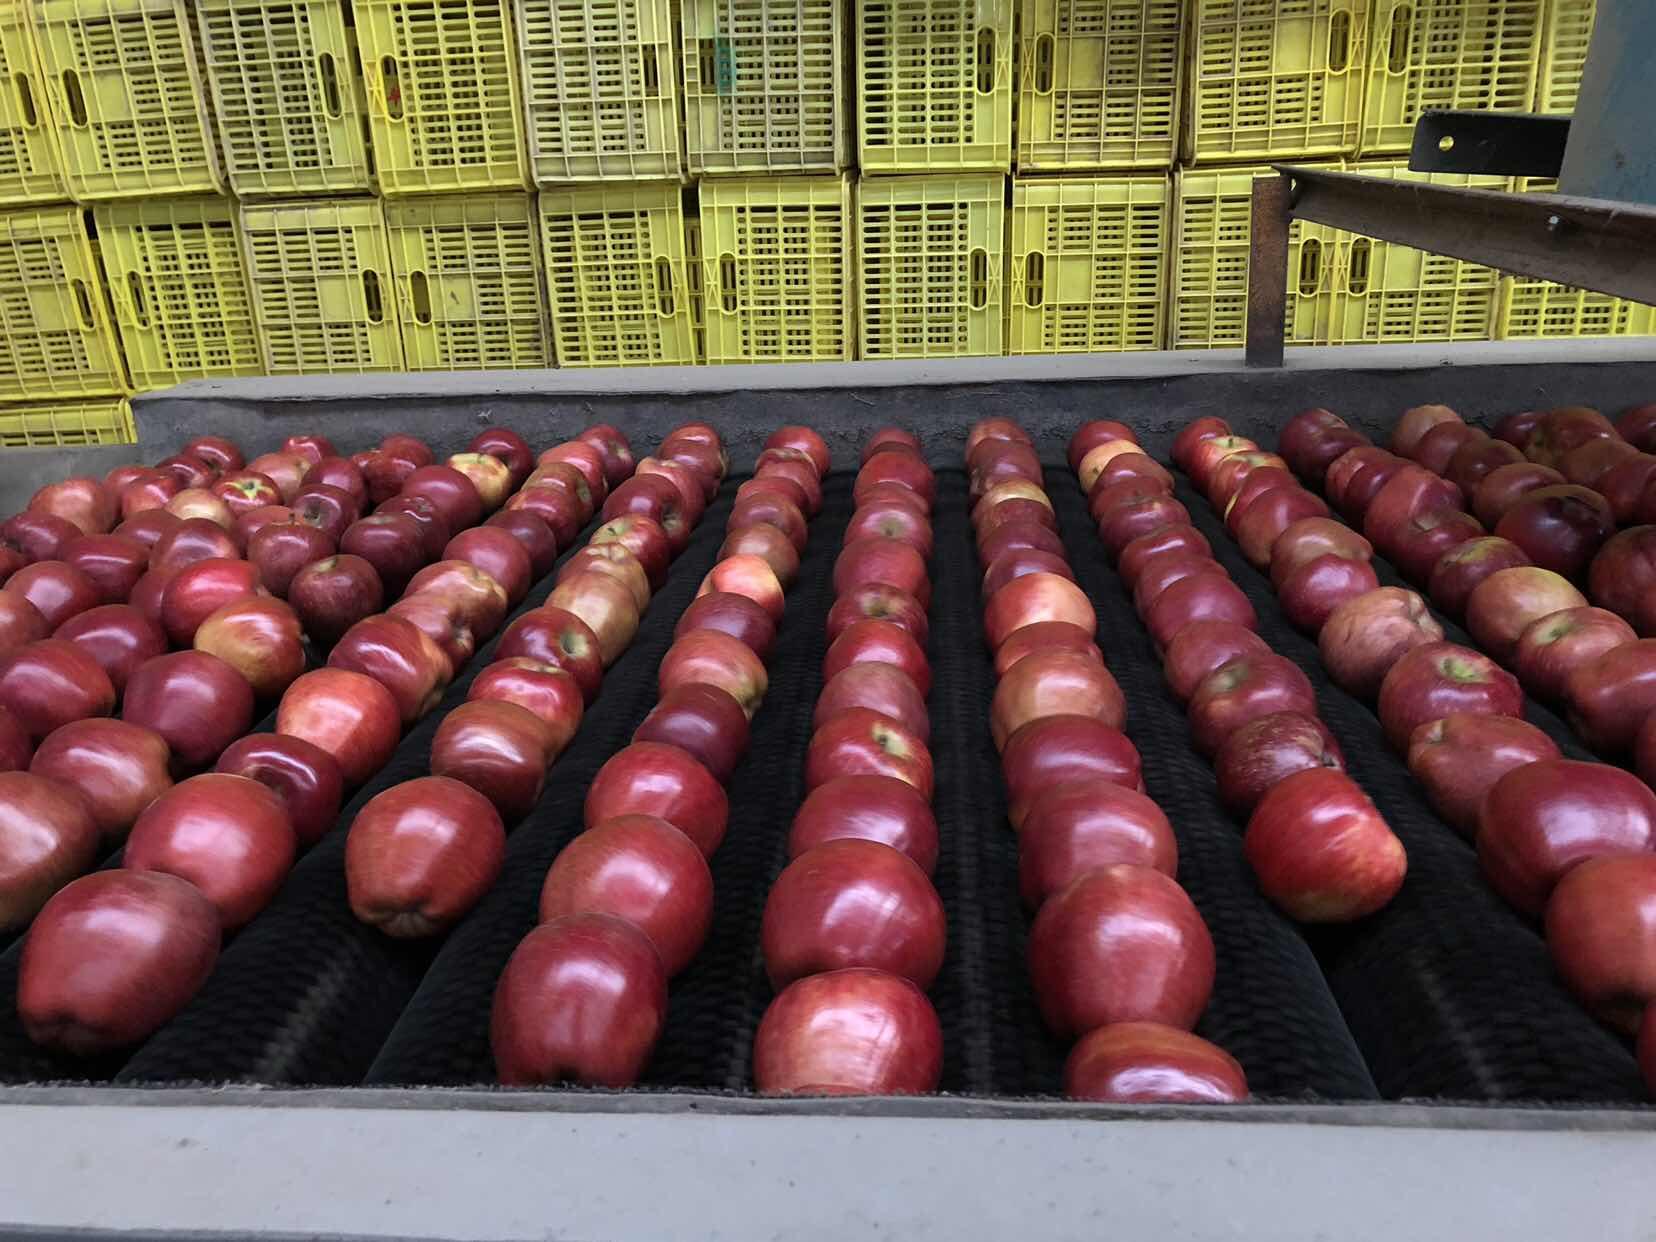 礼县苹果正在通过分拣设备准备寄往全国各地的买家。